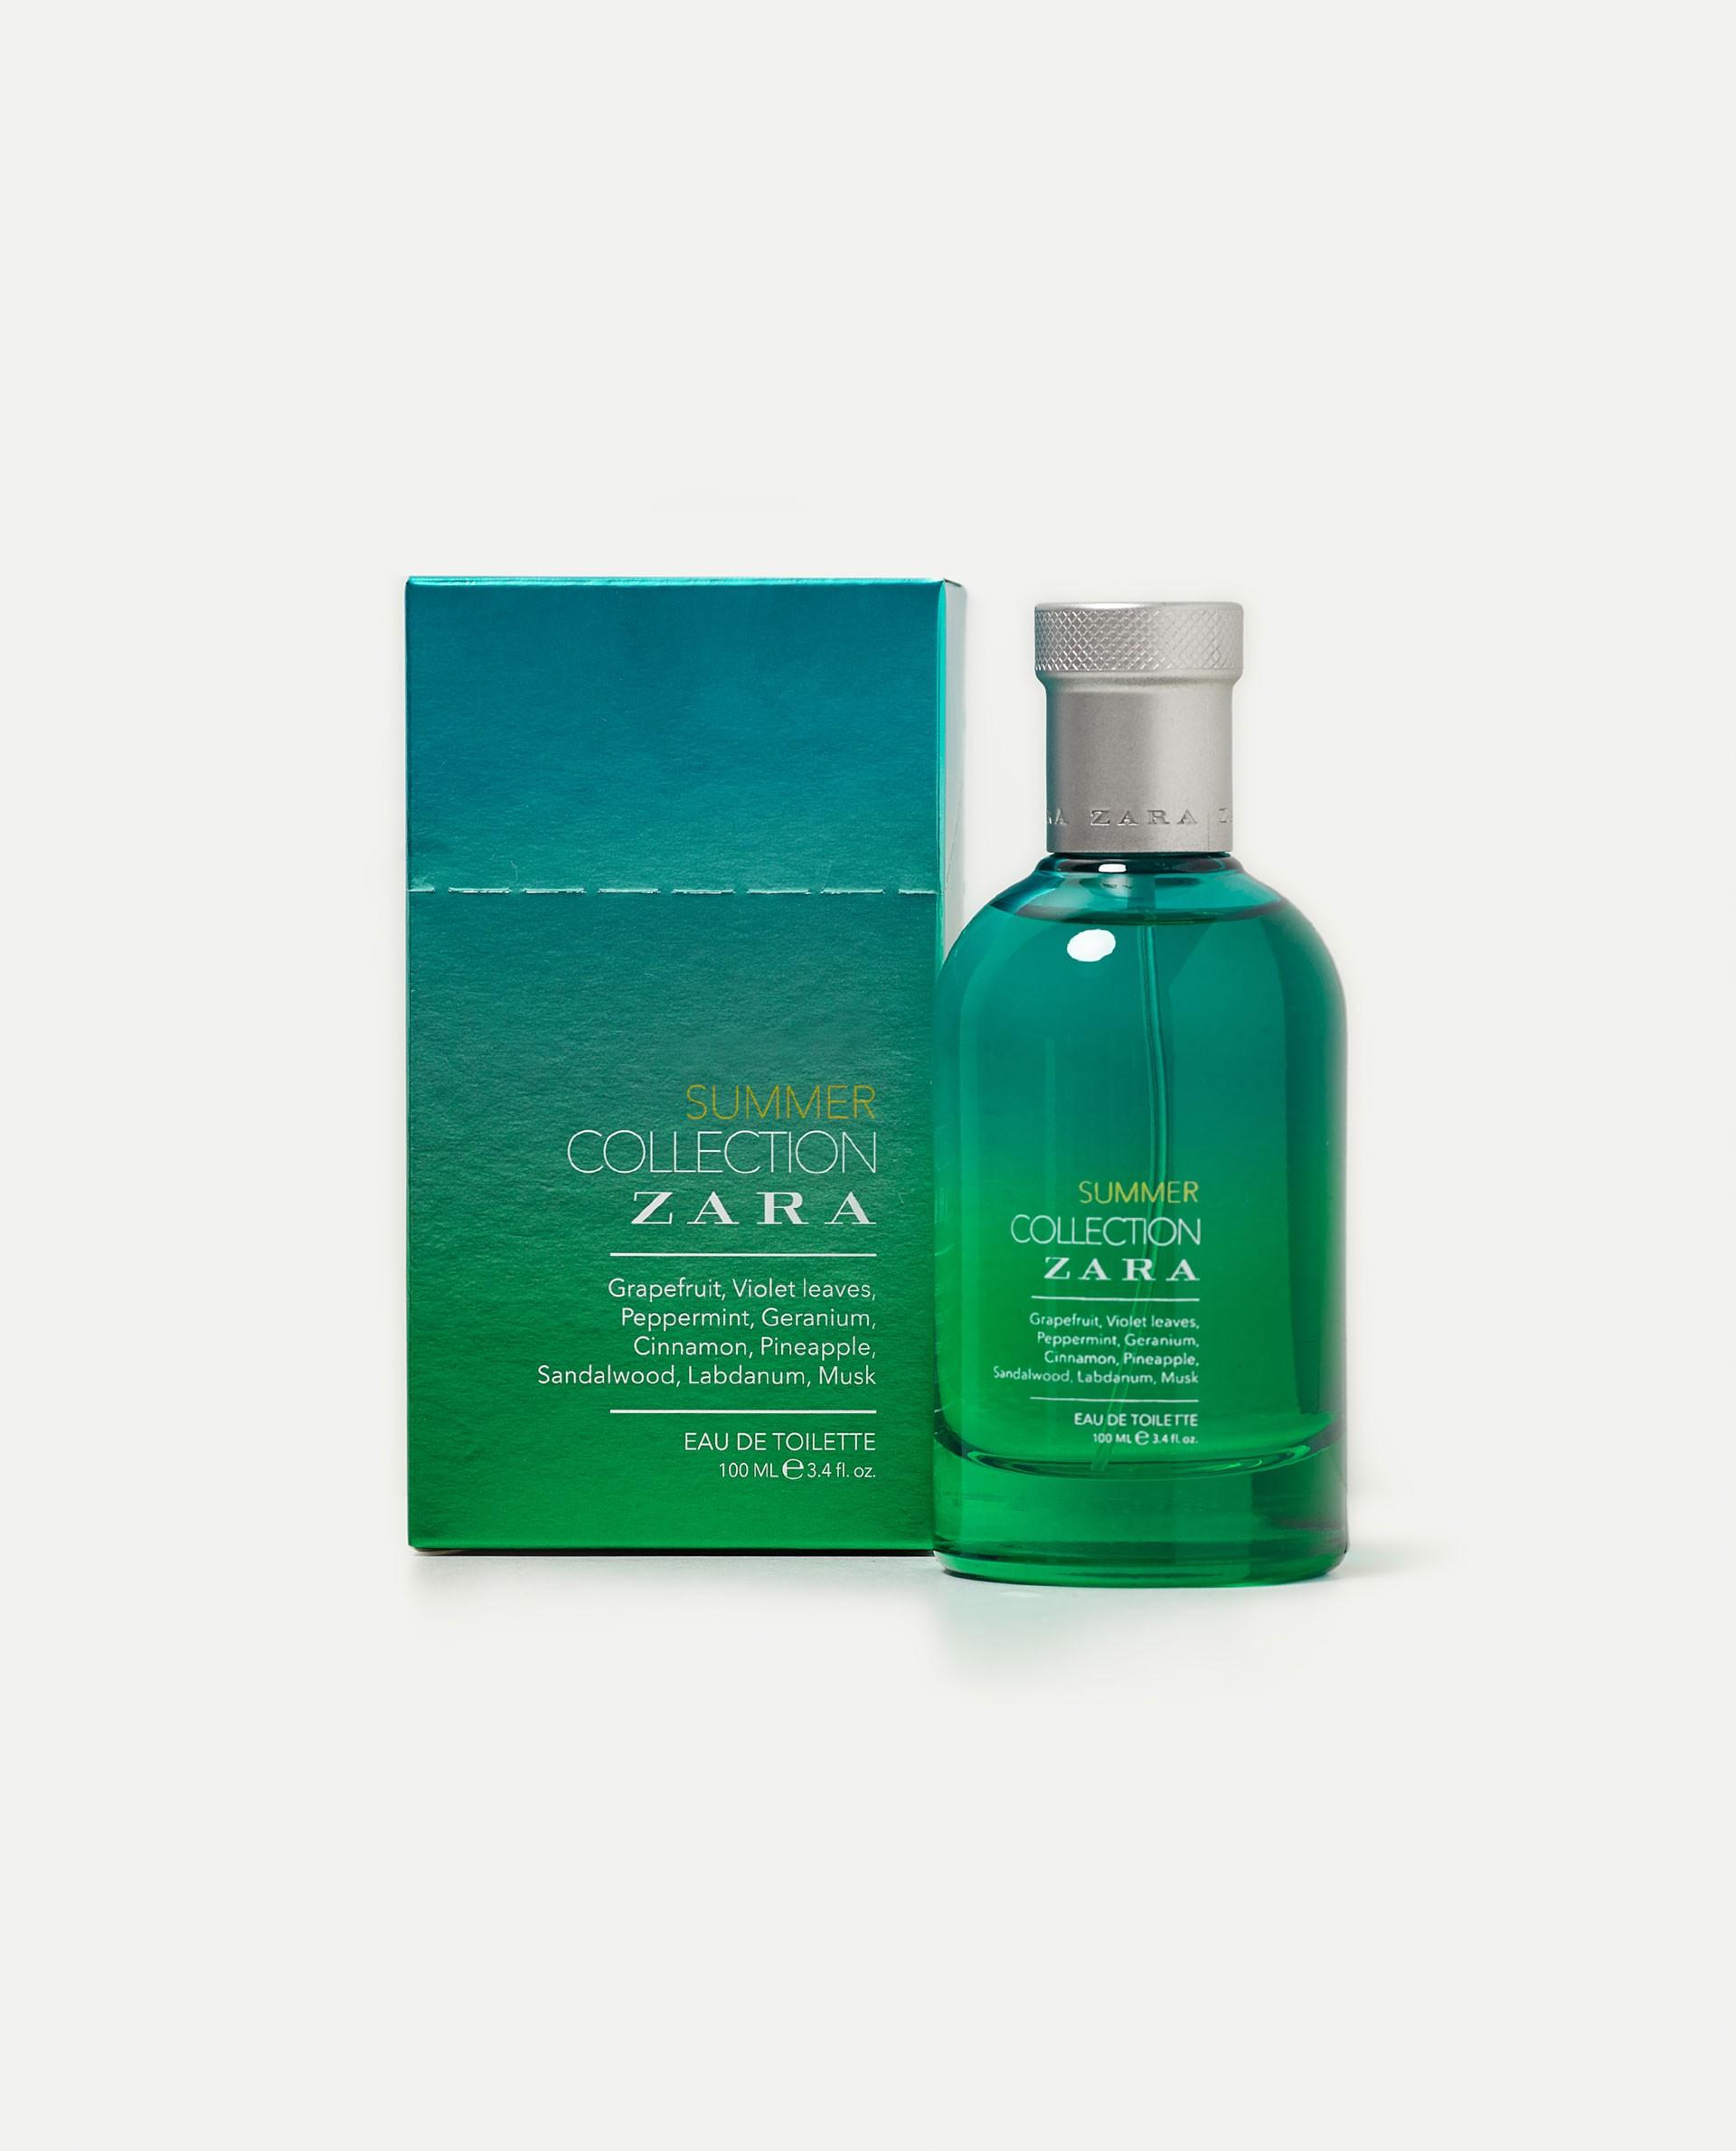 Summer Collection Zara аромат для мужчин